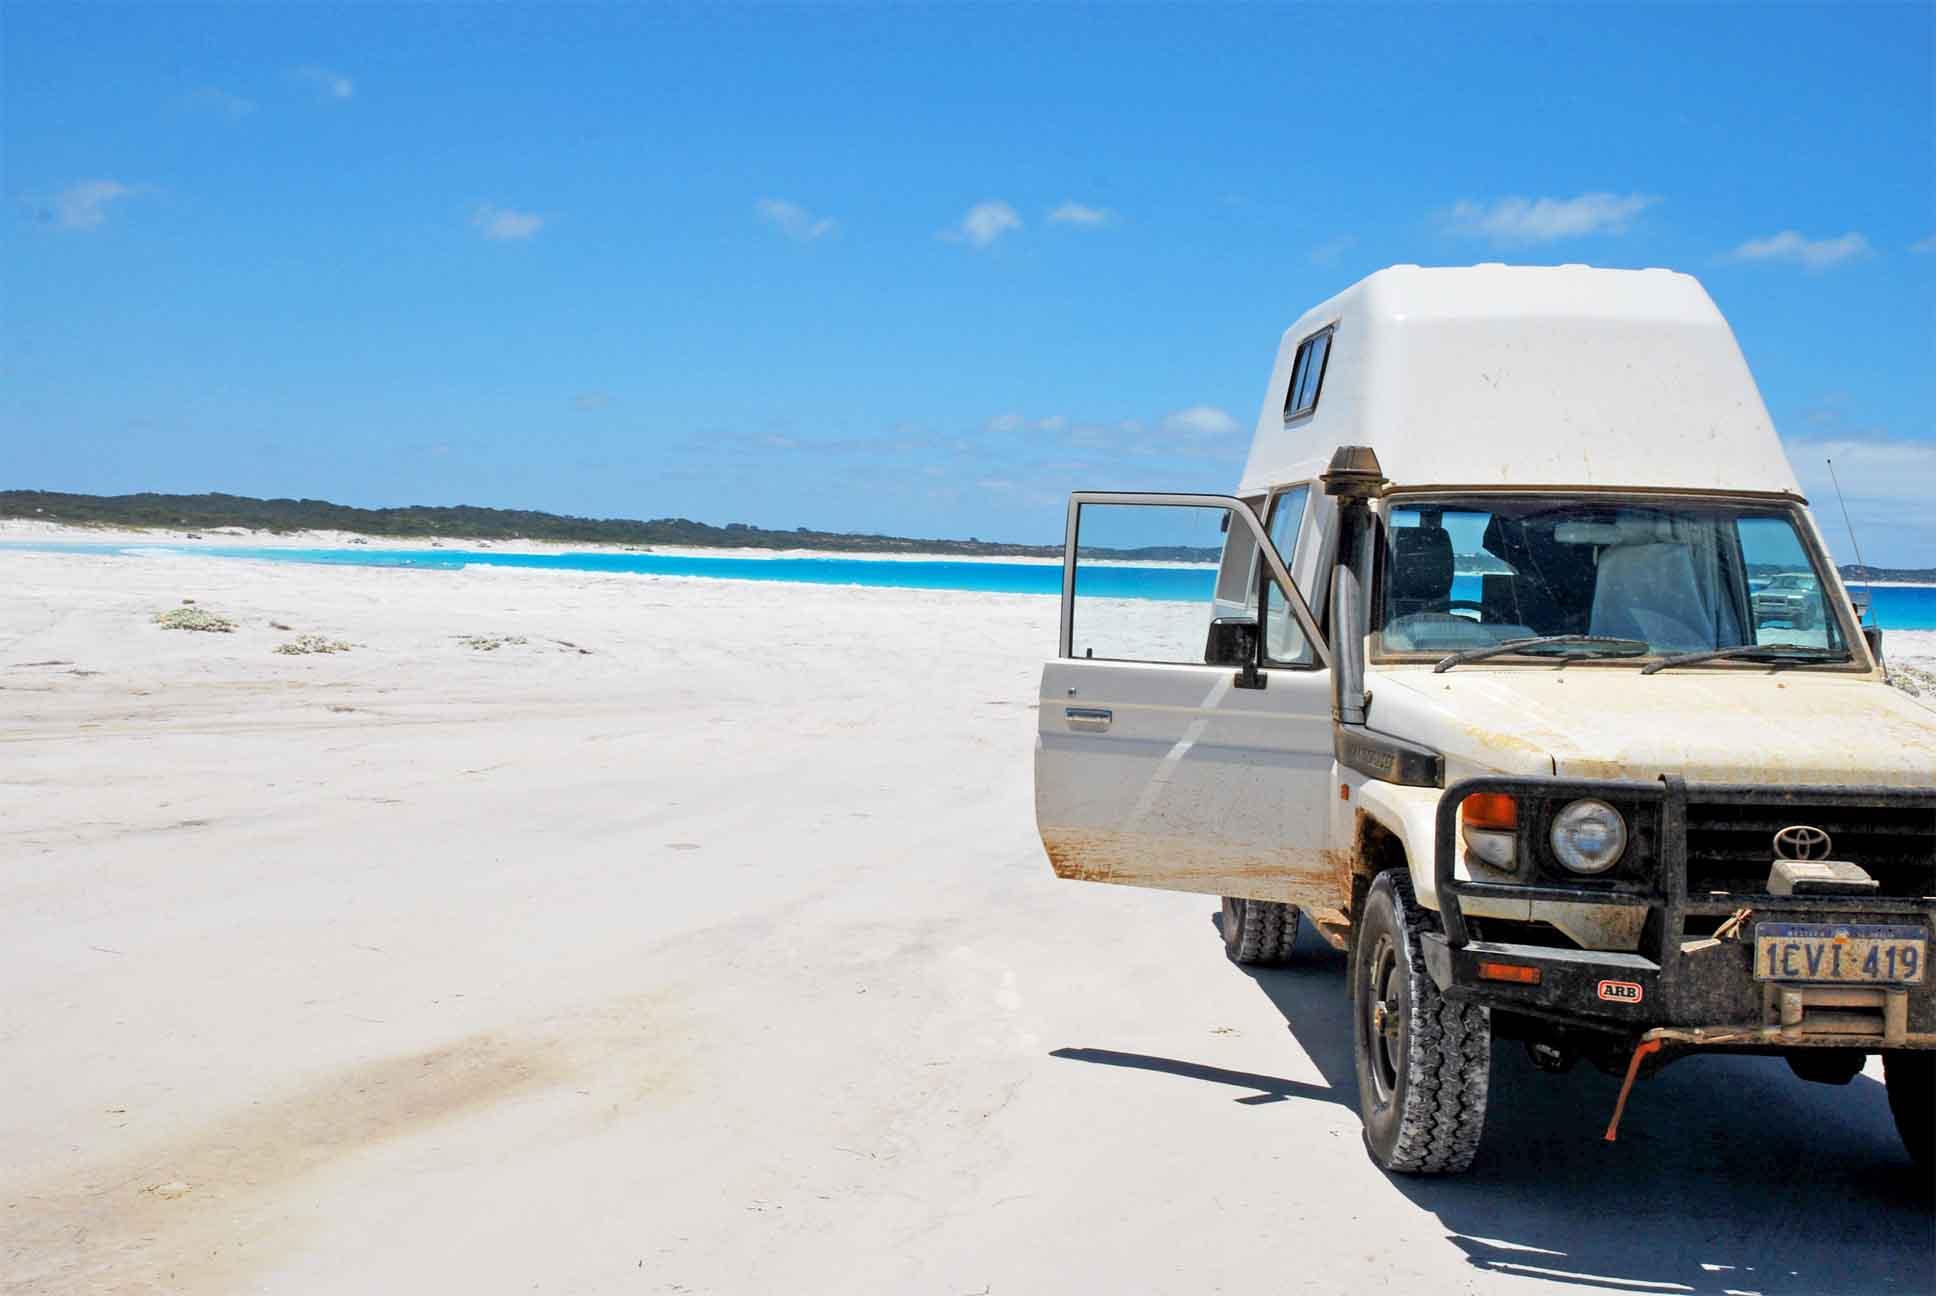 4WD Fahrzeug am Strand